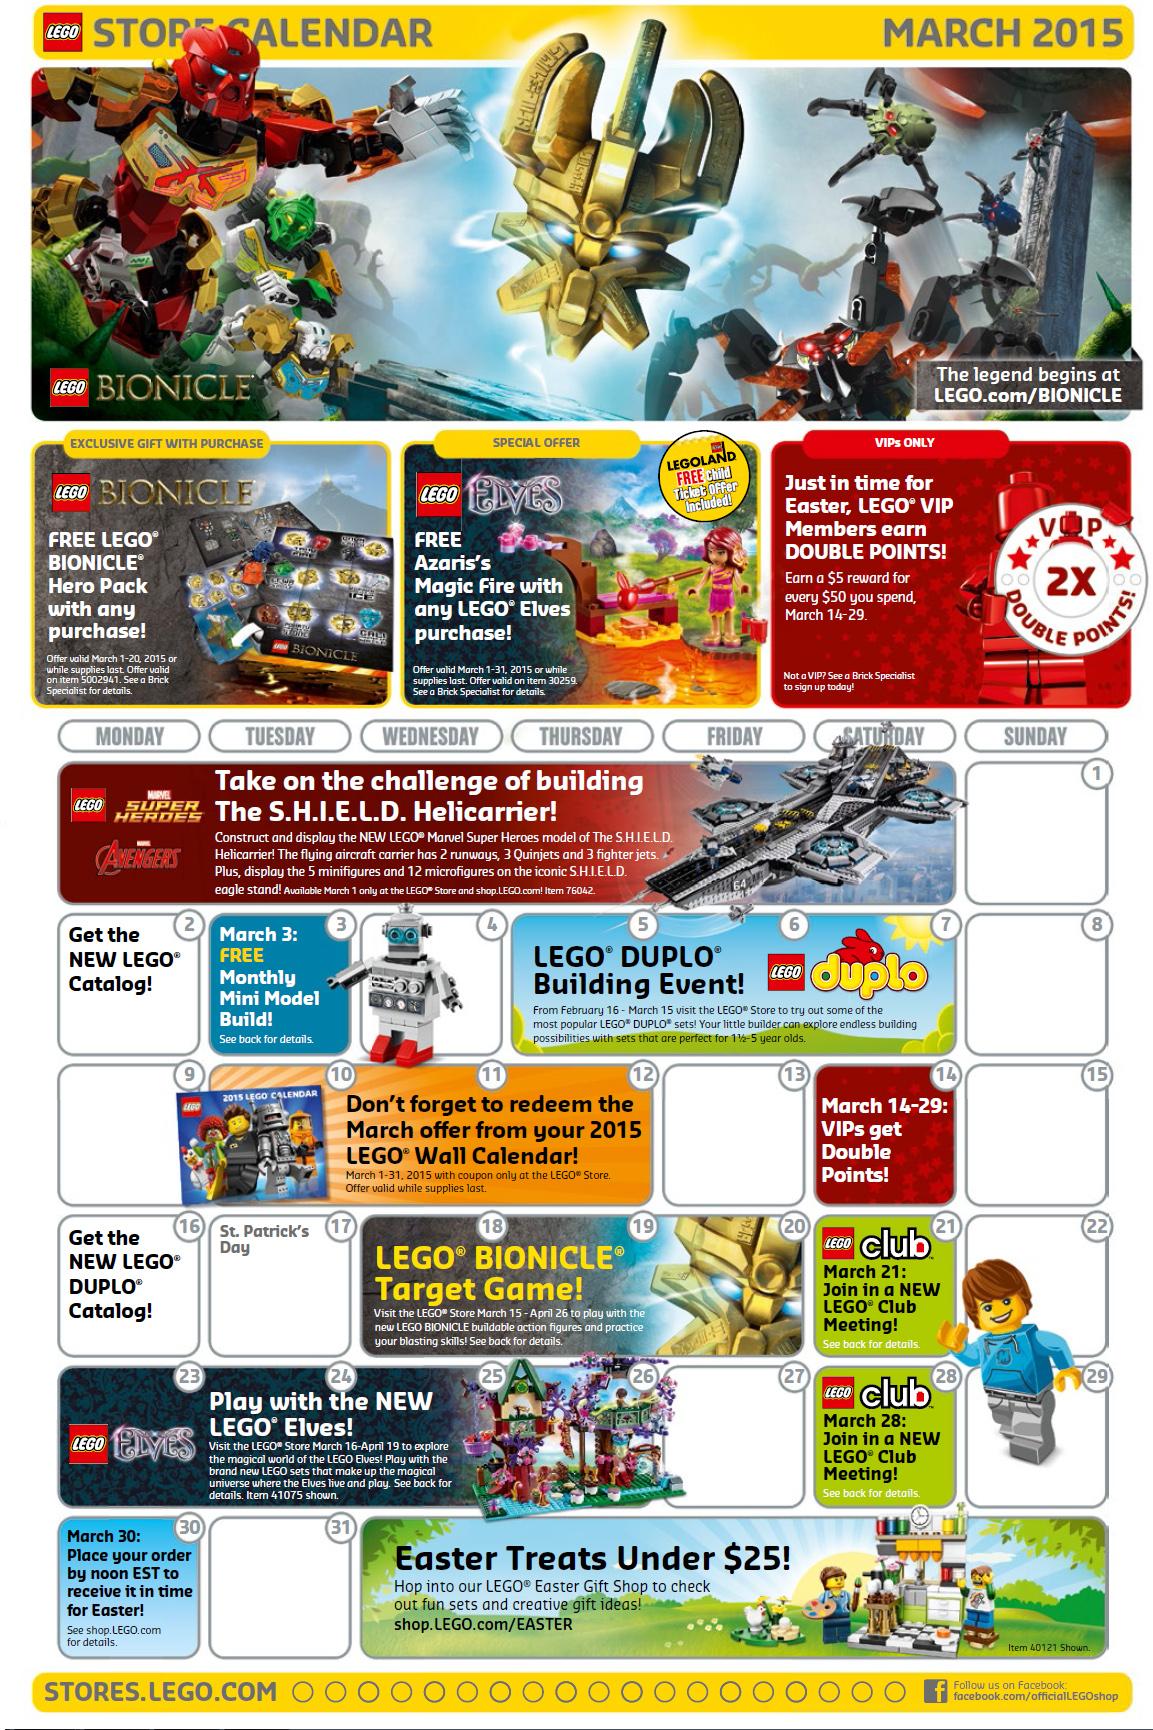 March-2015-LEGO-Store-Calendar.jpg